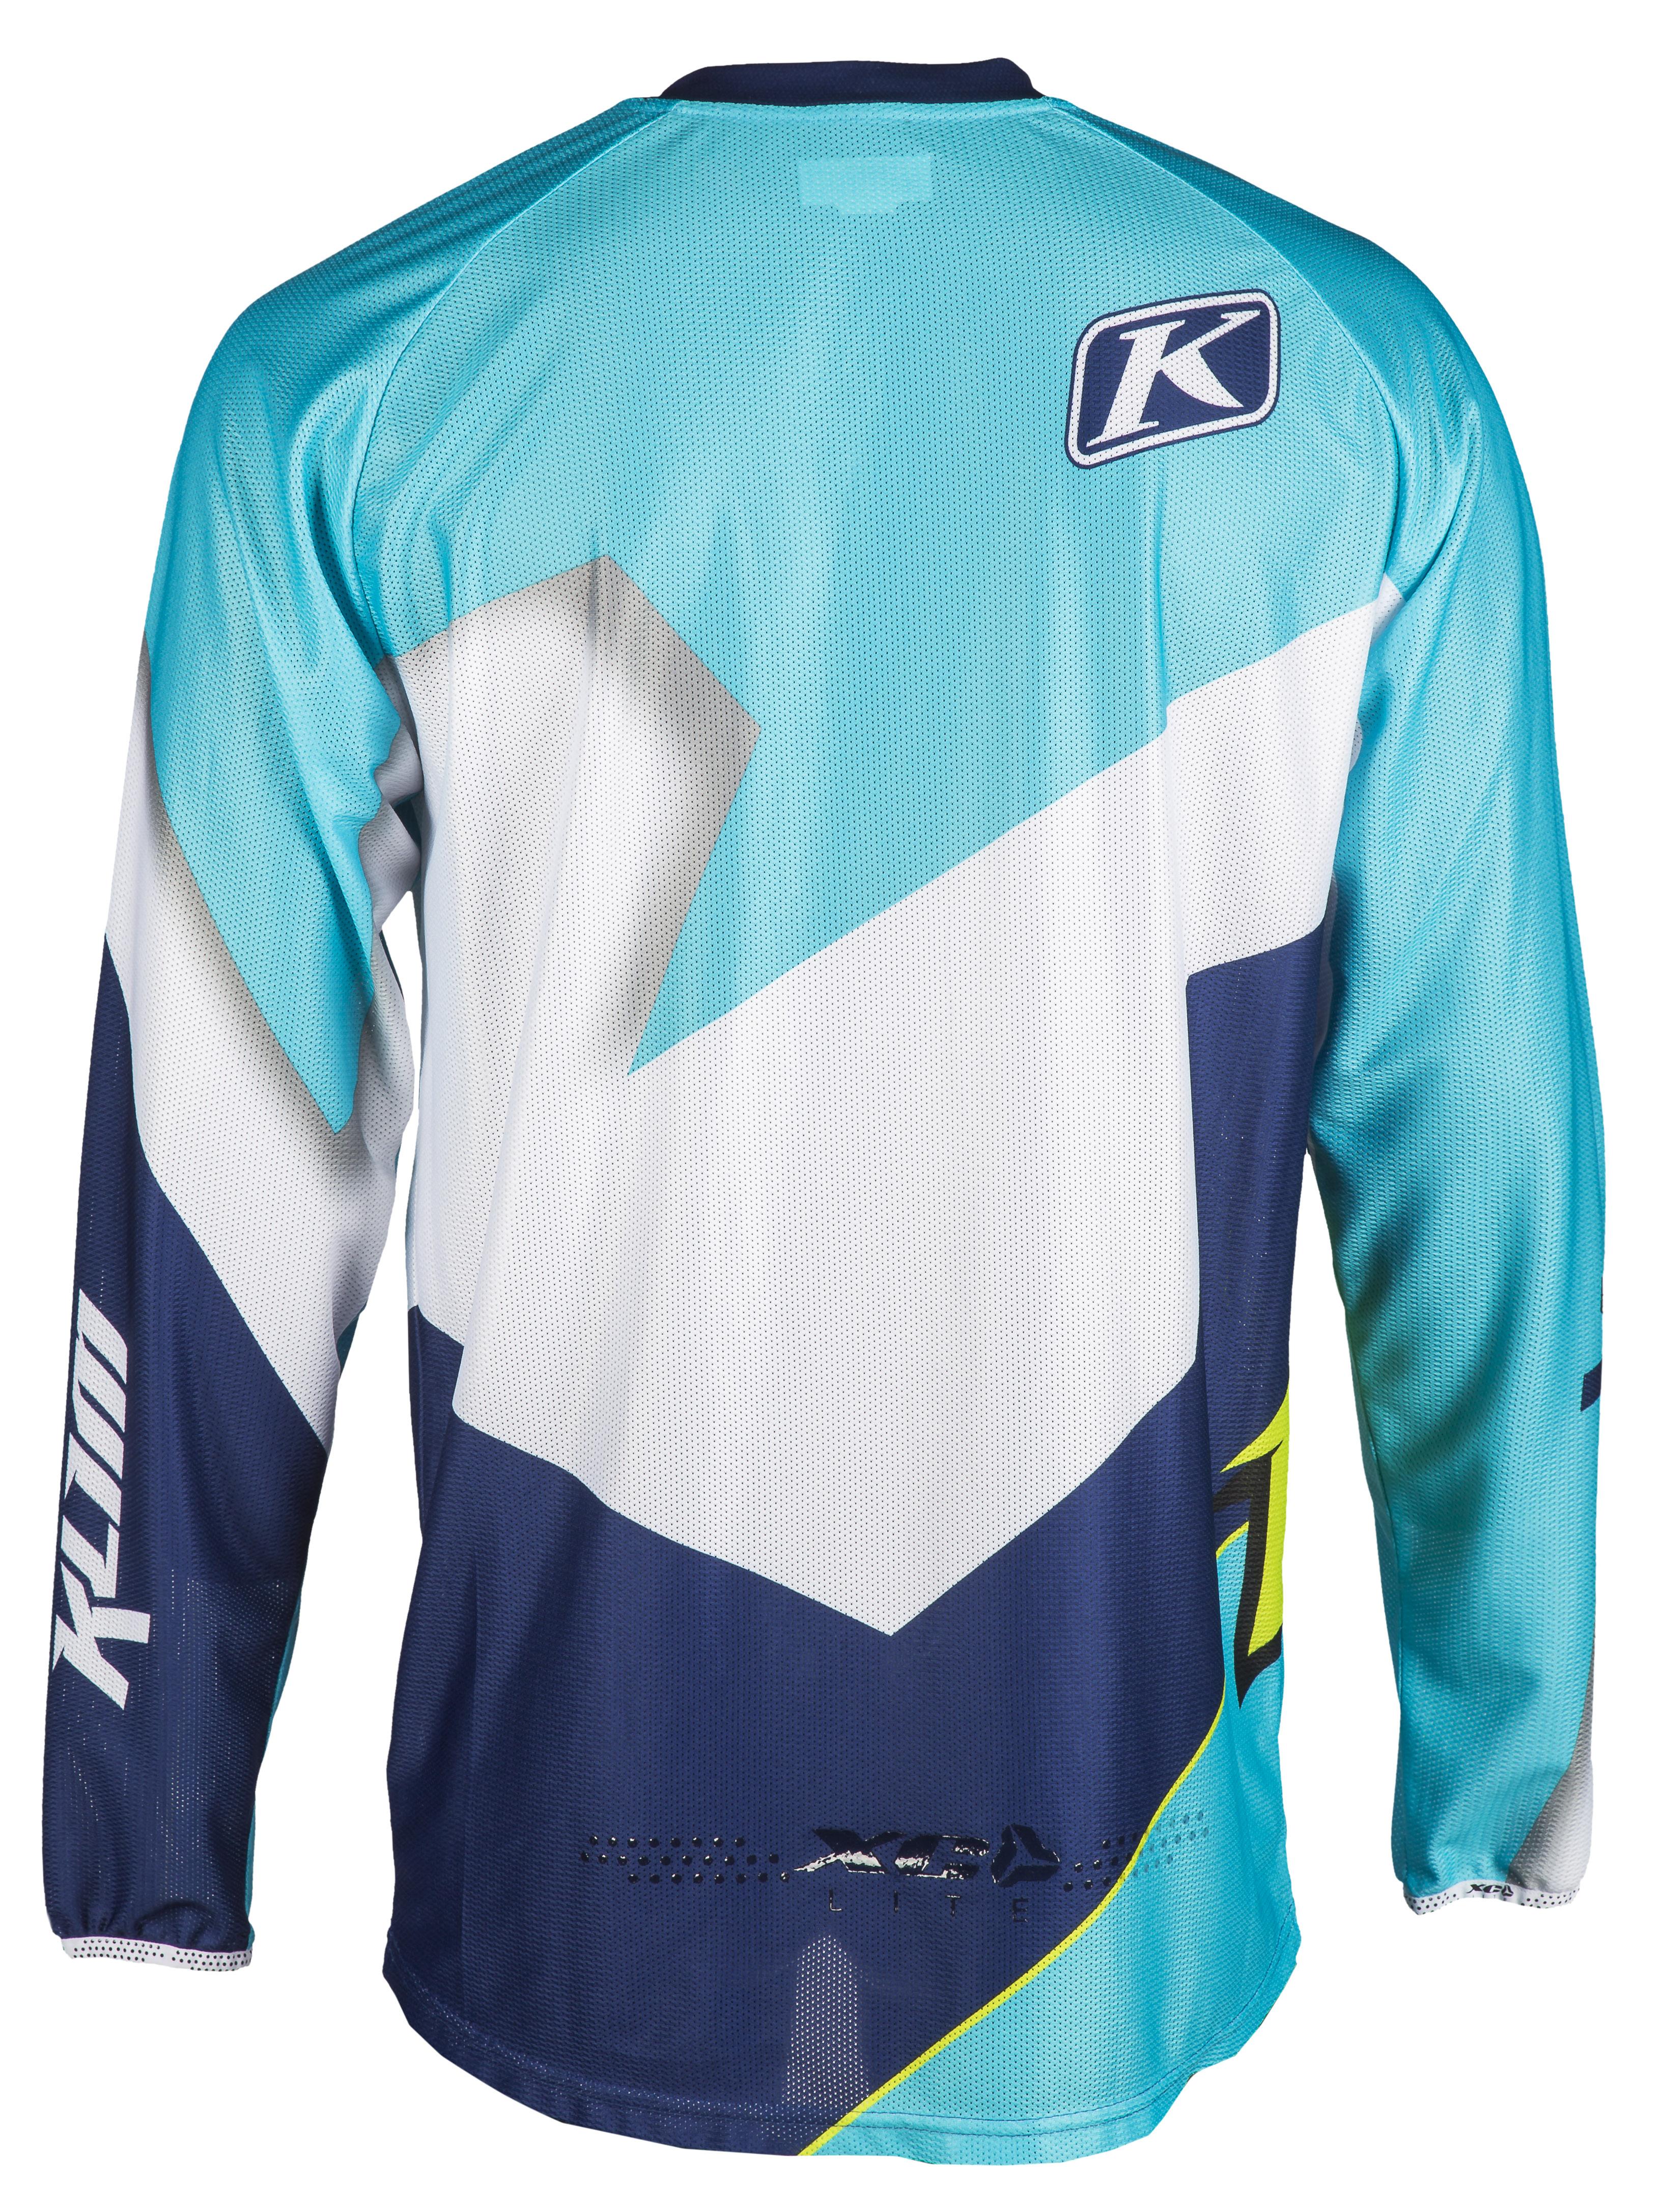 XC LITE Jersey 5003-002-200 D1